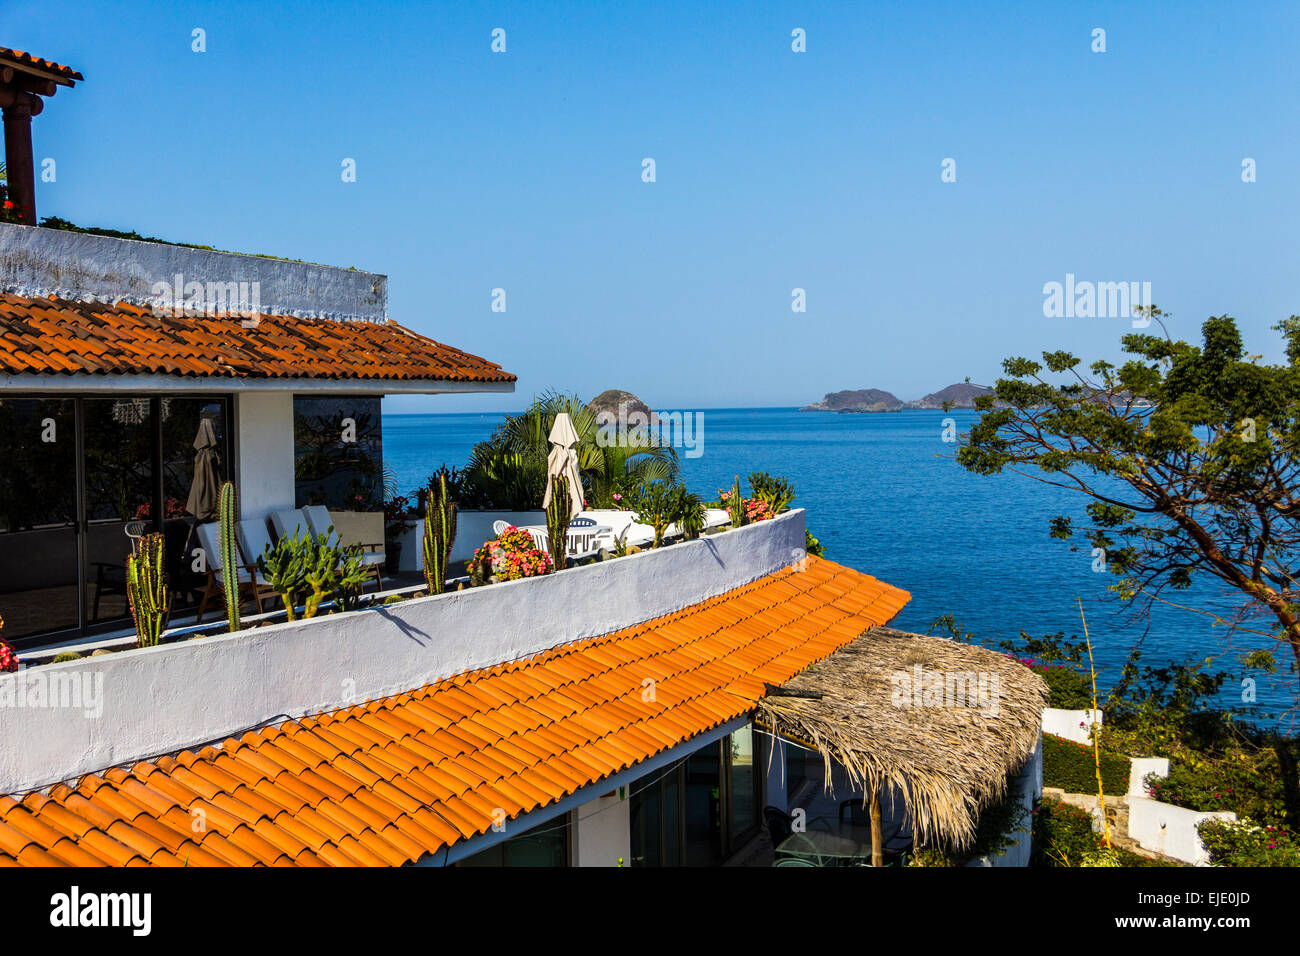 Rotes Ziegeldach des mexikanischen Villa mit Blick auf Wasser von Ixtapa/Zihuatanejo Bucht. Stockbild